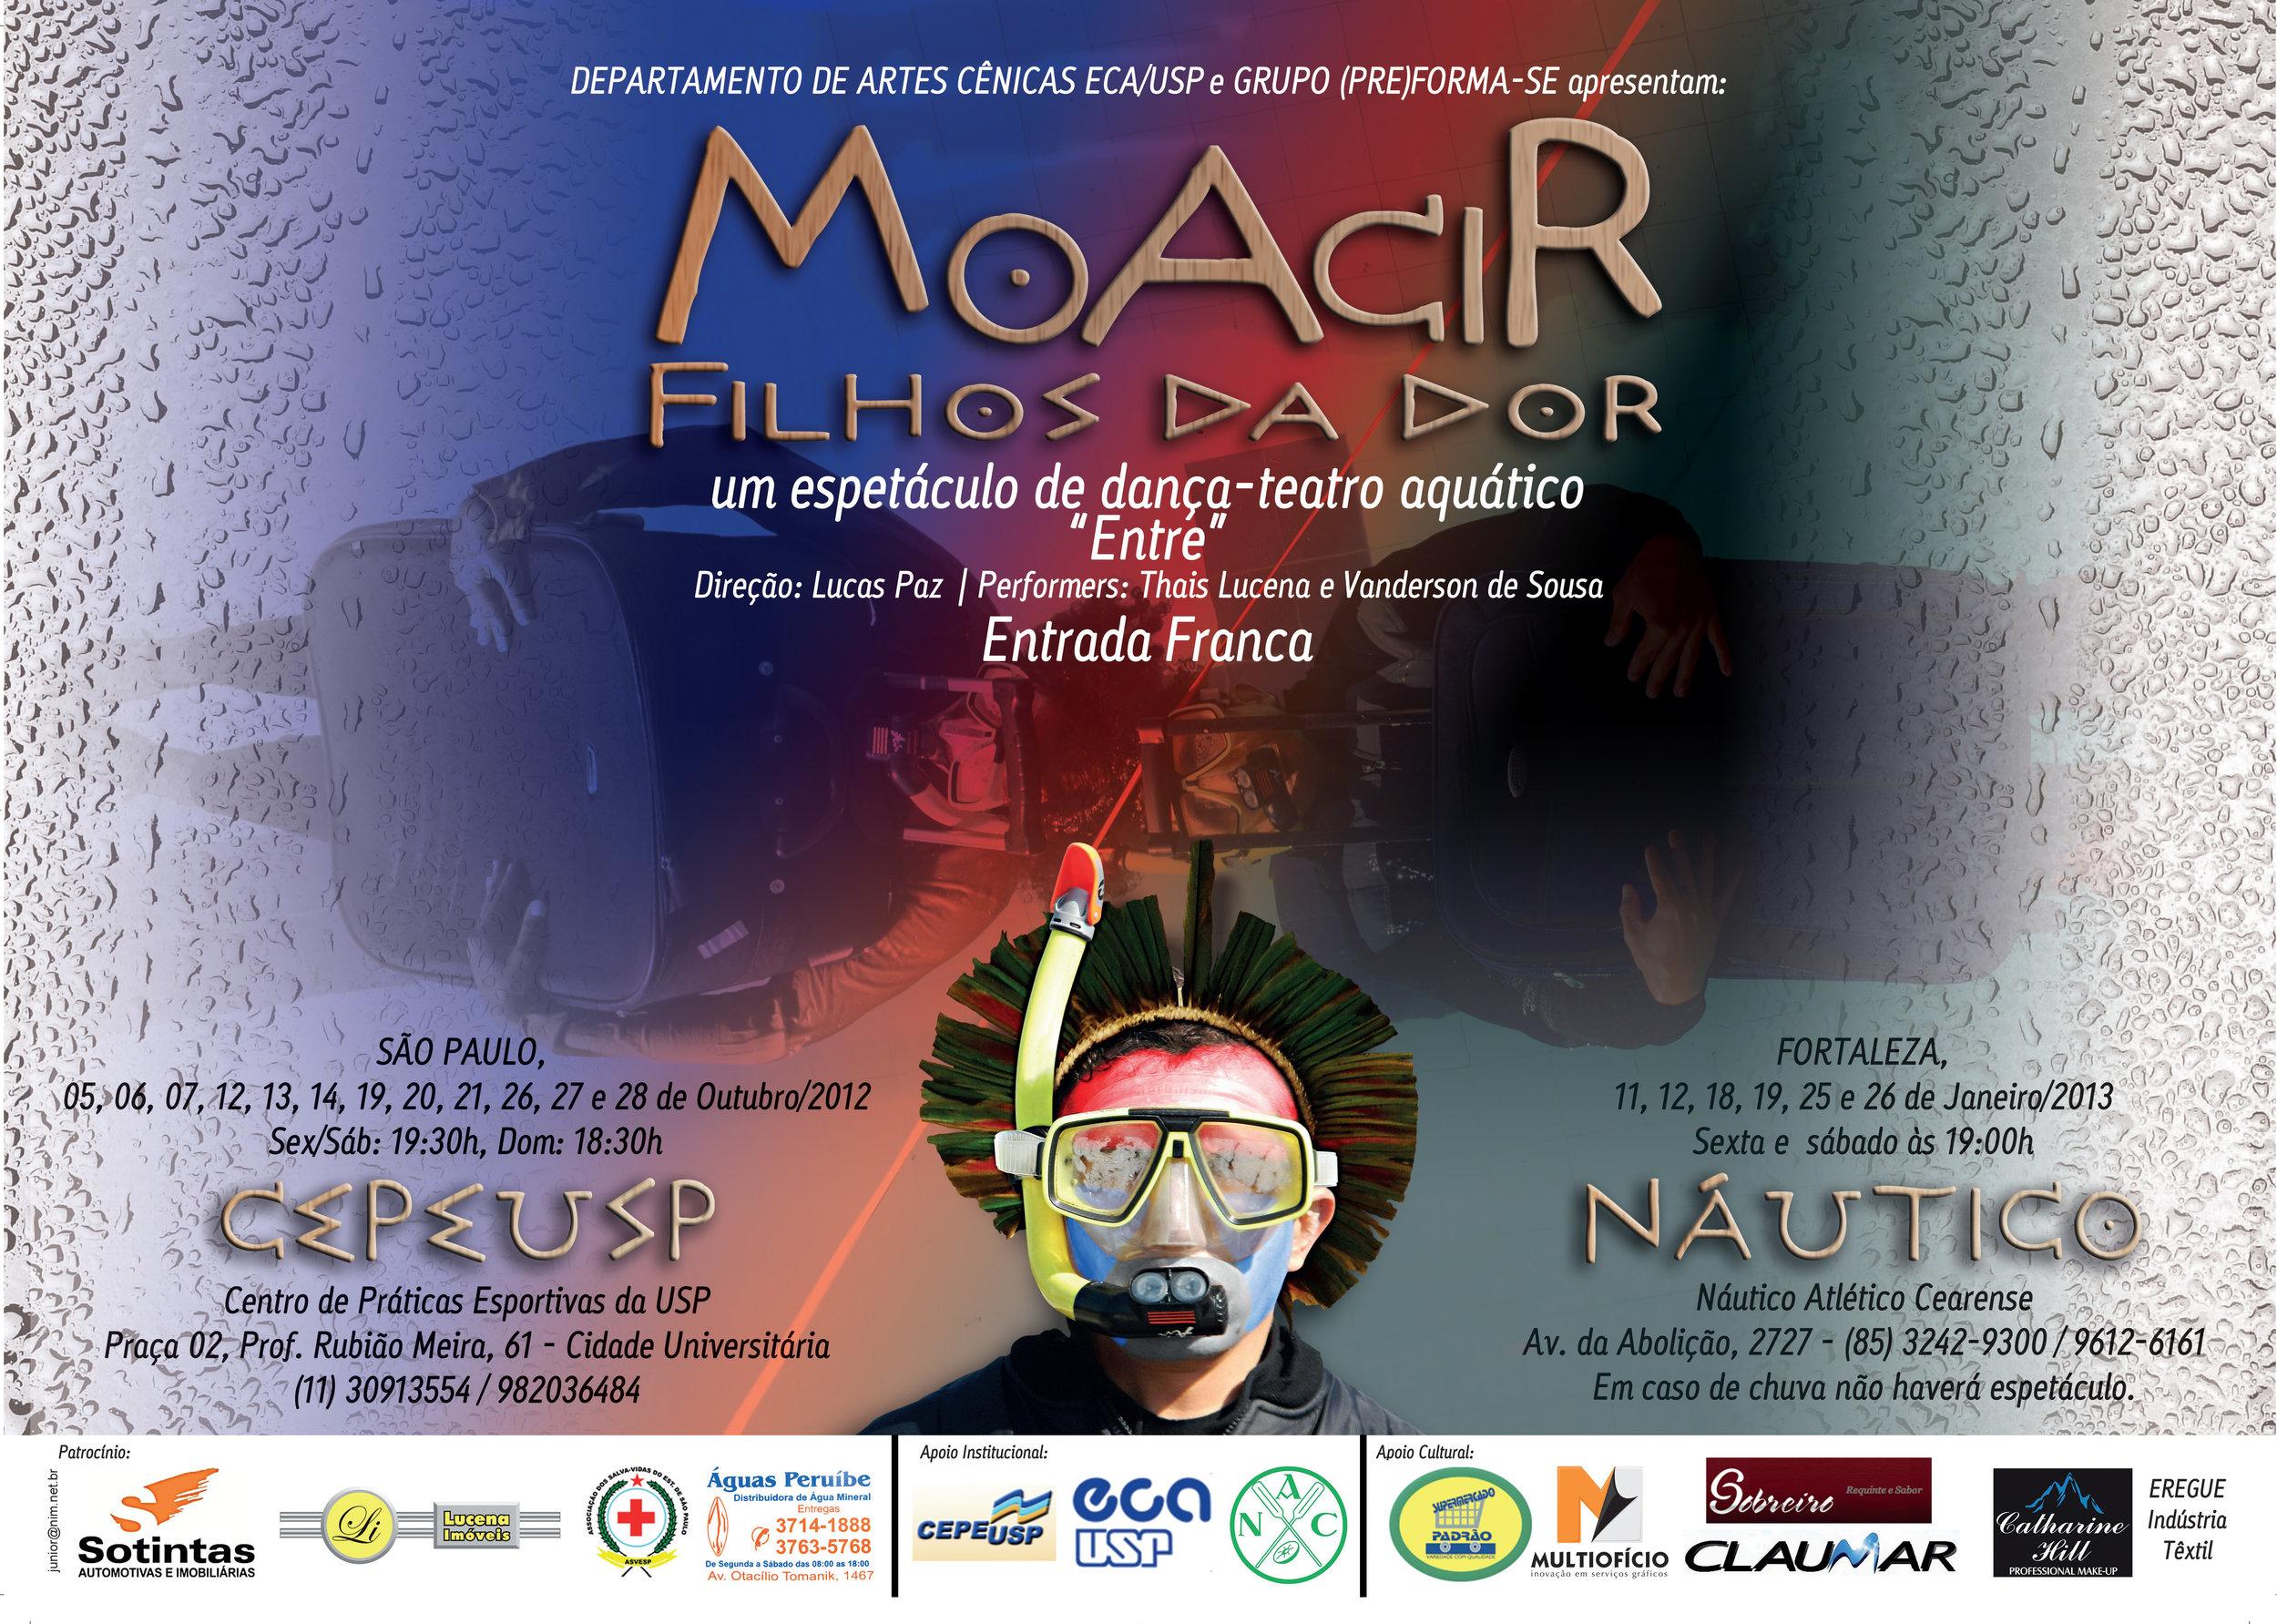 MoAcir: Filhos da Dor, CEPEUSP 2012